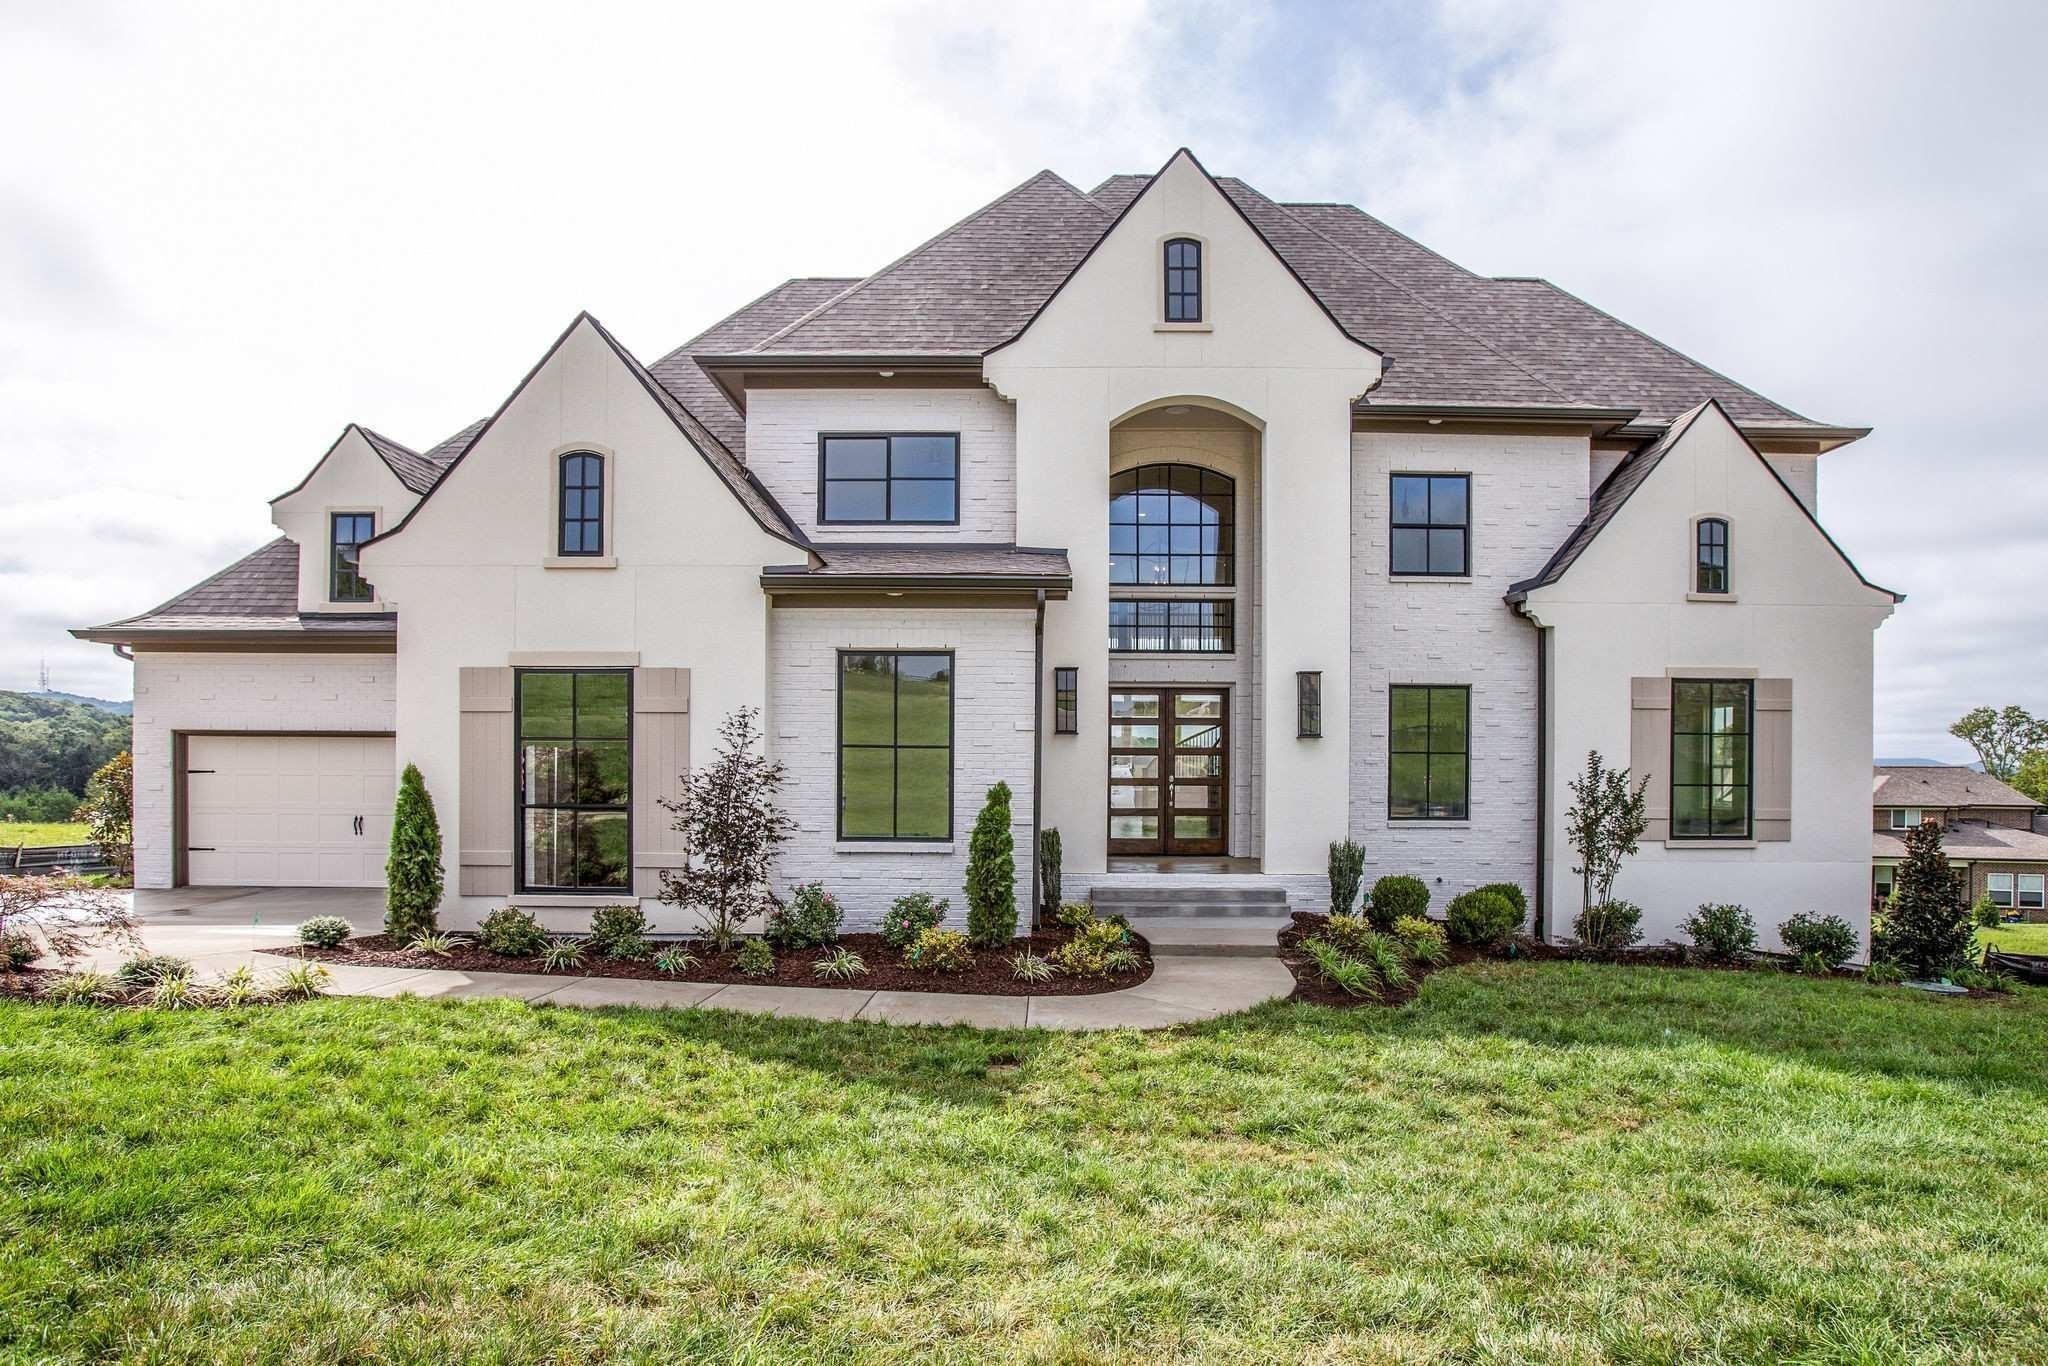 6007 Lookaway Circle -lot 117, Franklin, TN 37067 - Franklin, TN real estate listing